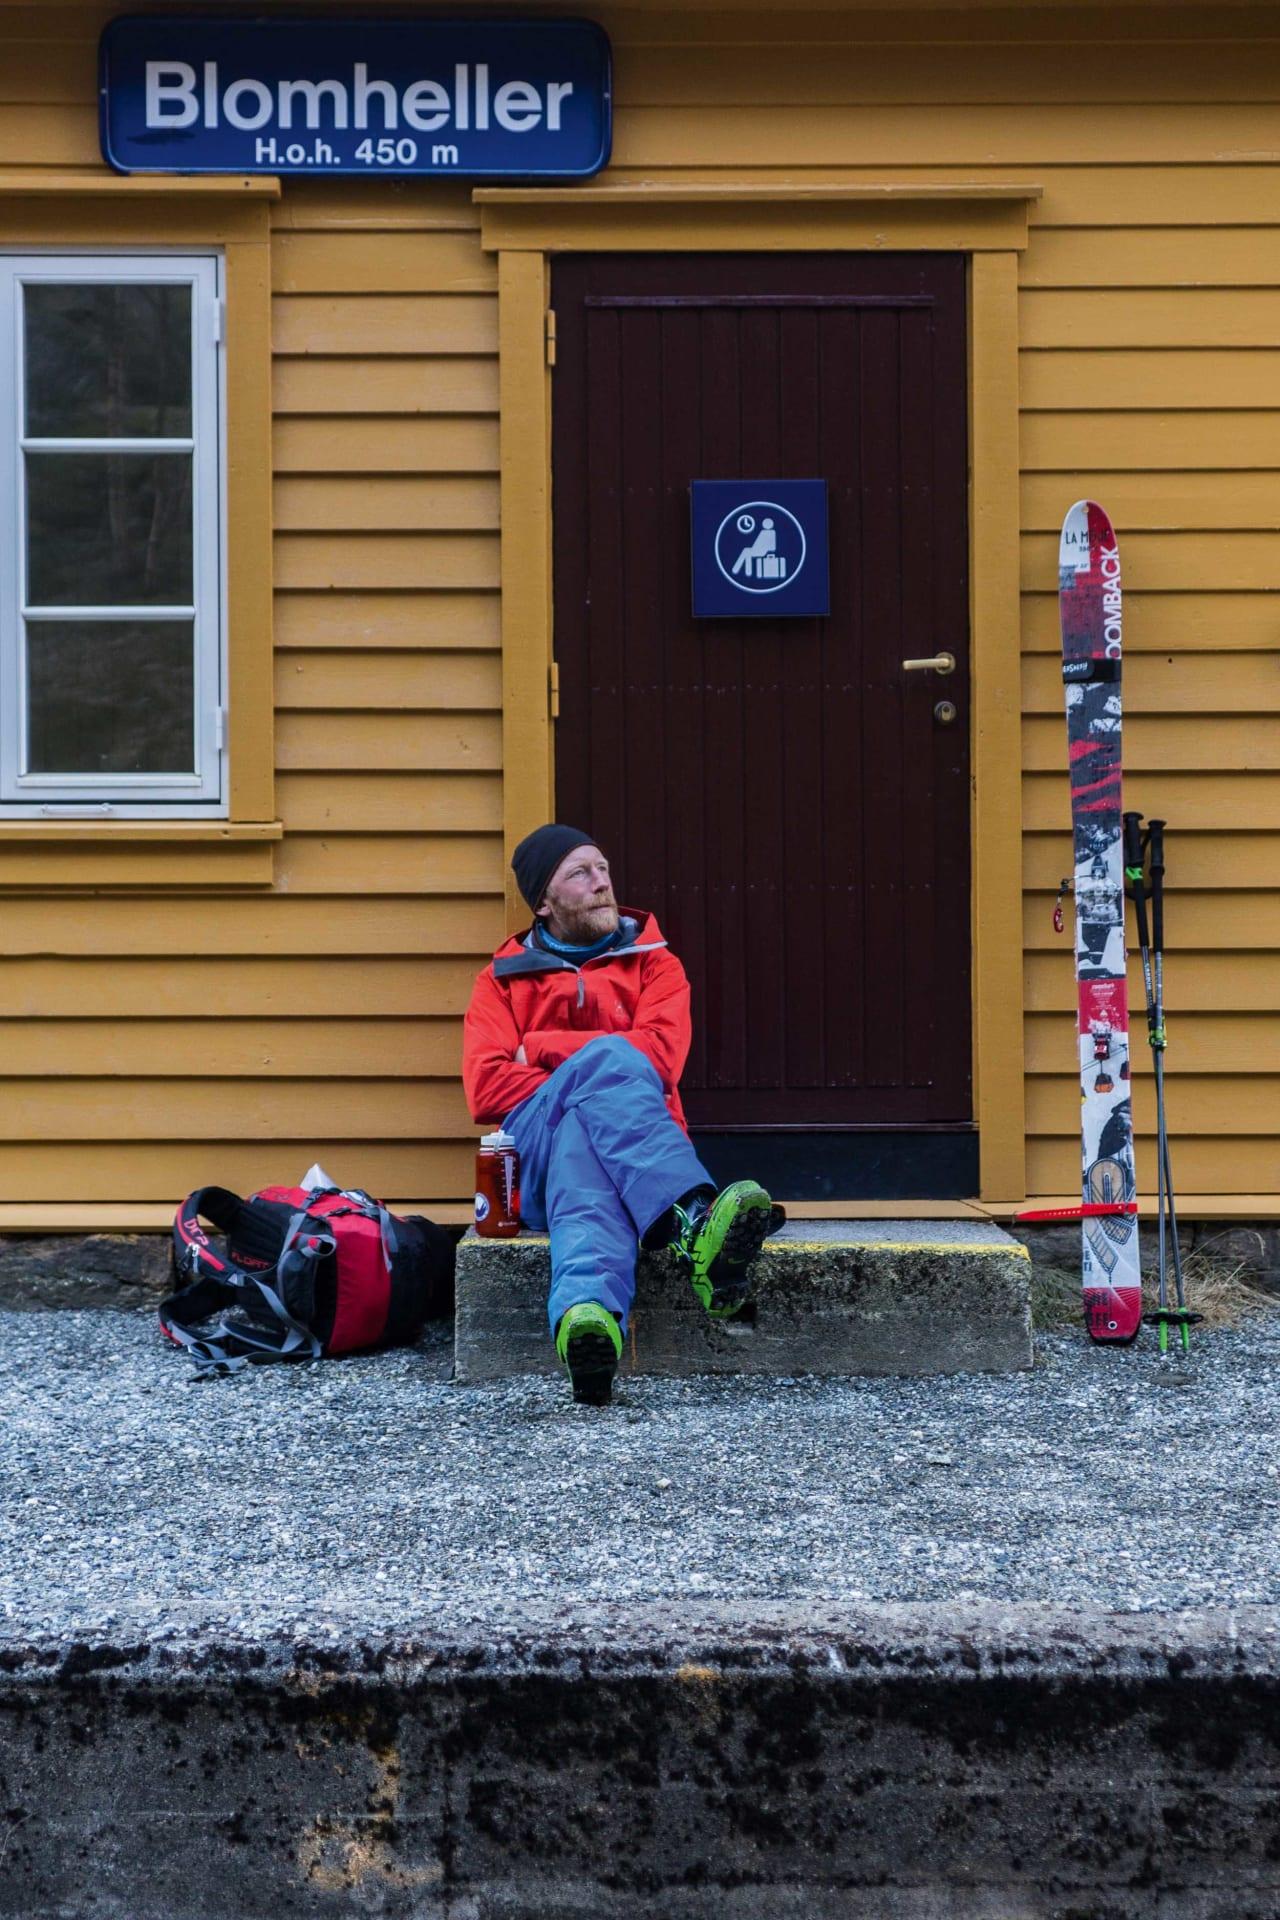 KJENTMANN: Tindevegleder, frikjørere og Himalaya-klatrer Jørgen Aamot, Blomheller stasjon, dalstasjon for skiheisen Flåmsbana. Foto: Bård Basberg